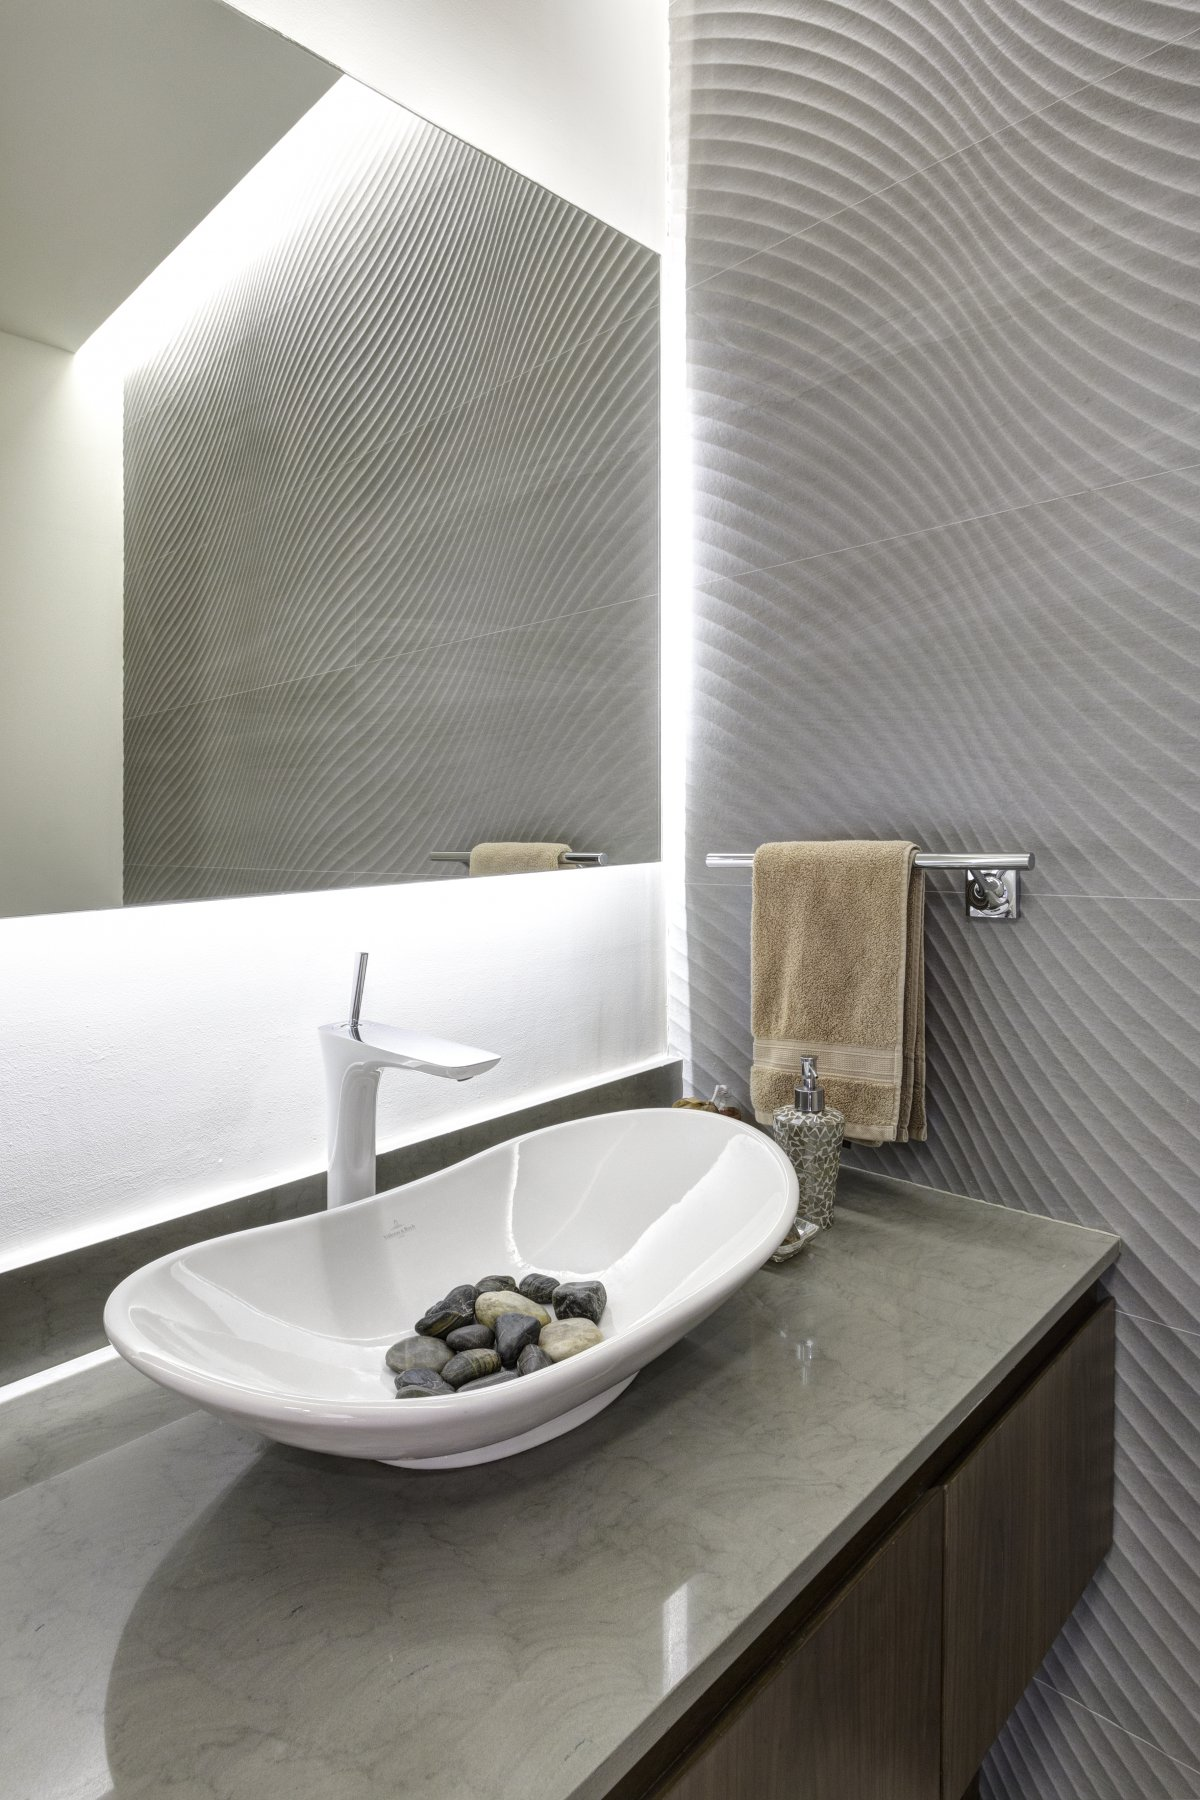 lavabo sobreencimera villeroy boch lassala-orozco-casa-lr-302-guadalajara-mexico-5